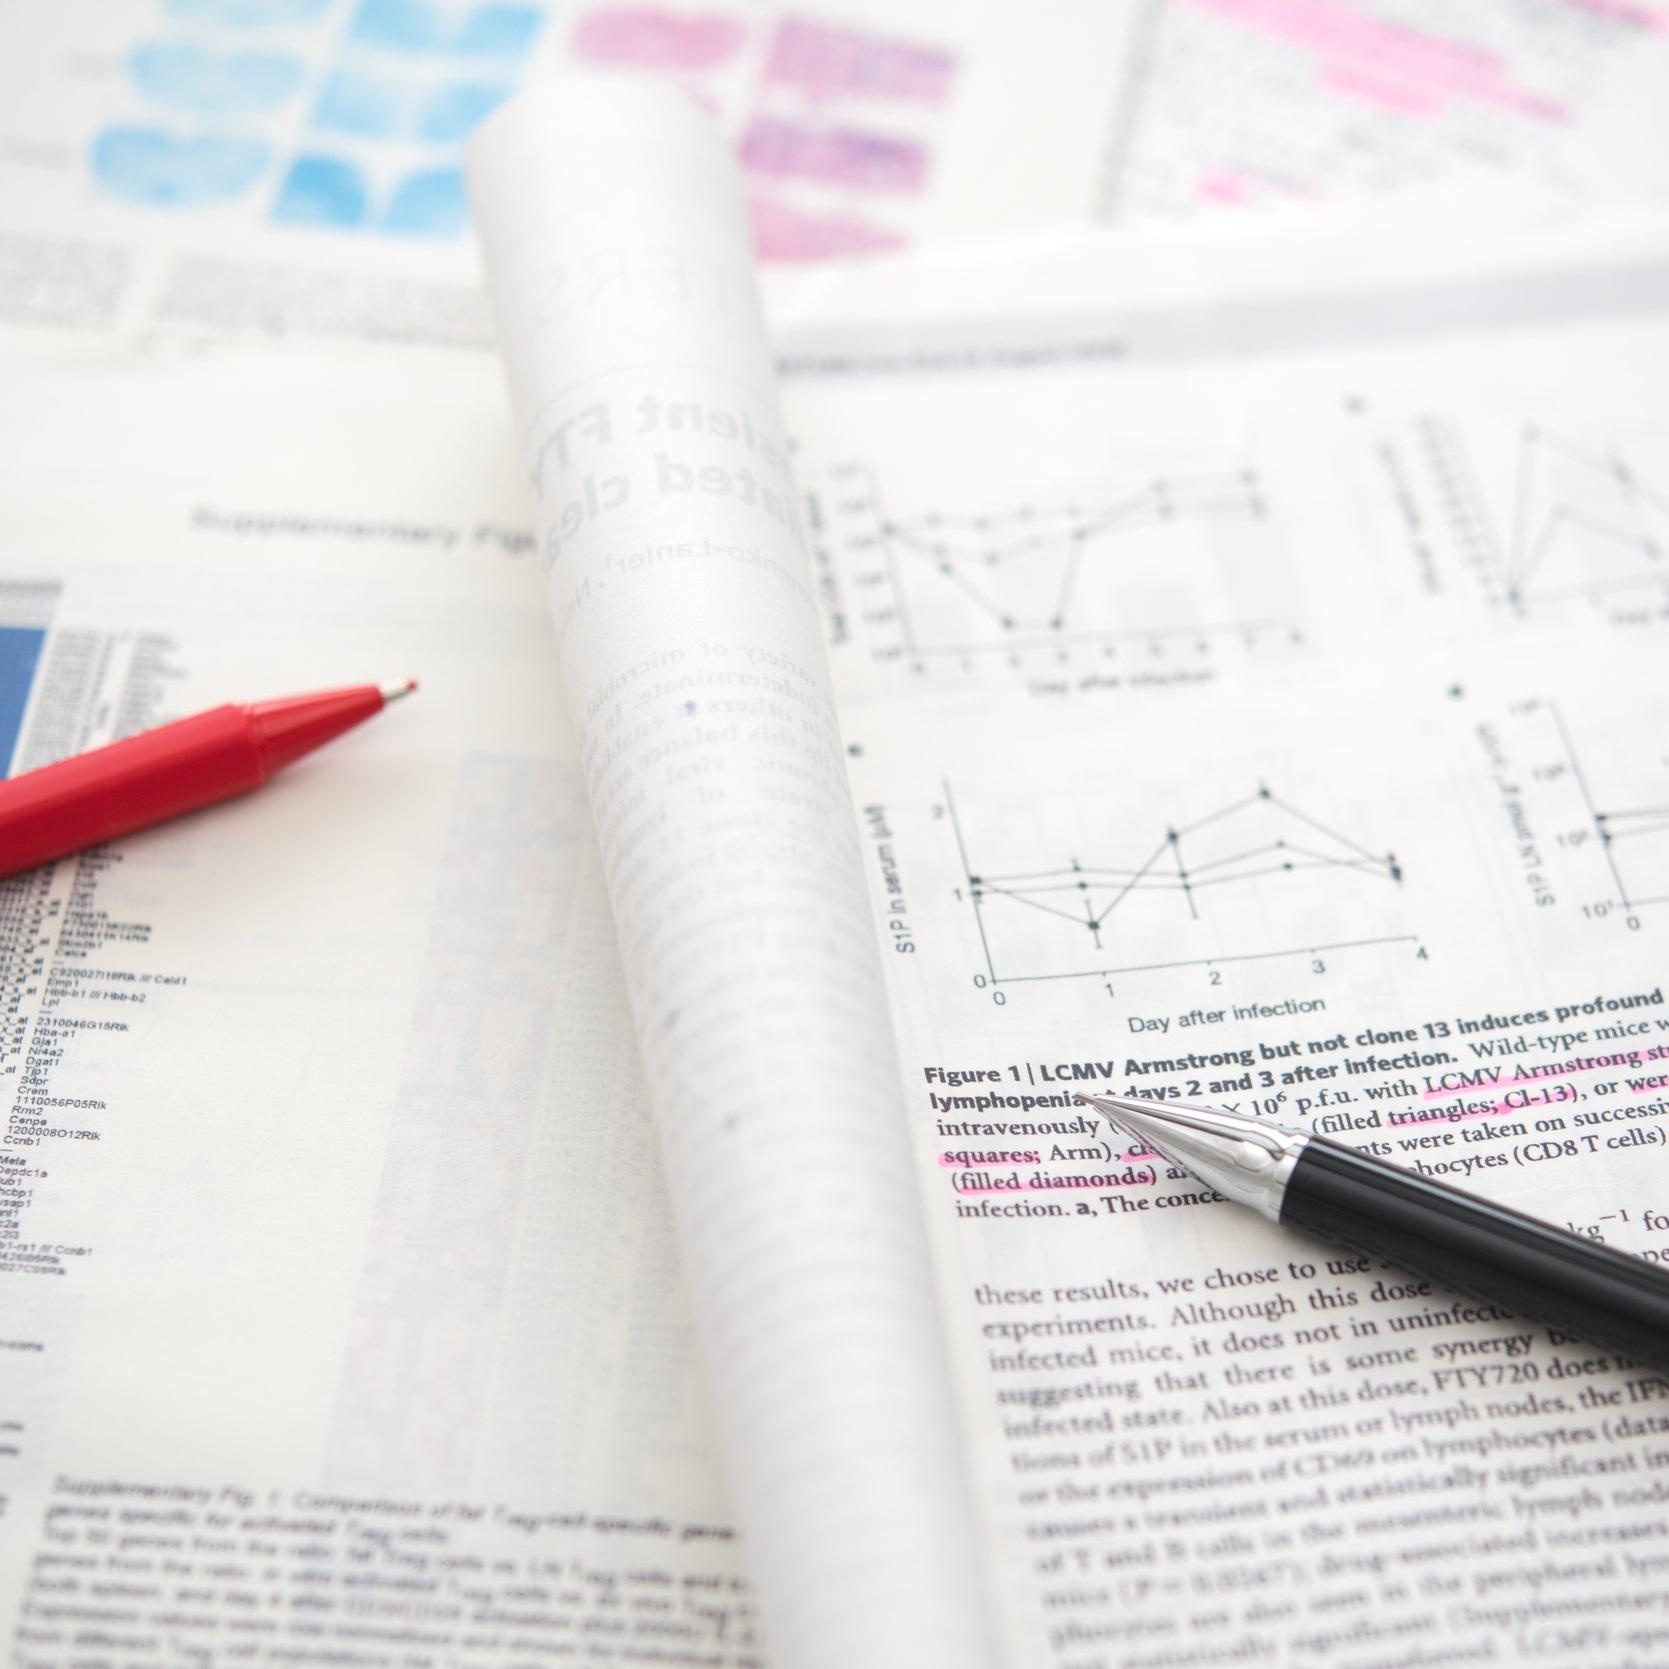 バイオテク探索サービス - 研究目的をヒアリングし、データベースに格納されているバイオテクから目的に合致するバイオテクを探索・リストアップしてご提案します。バイオテク探索サービスのご紹介